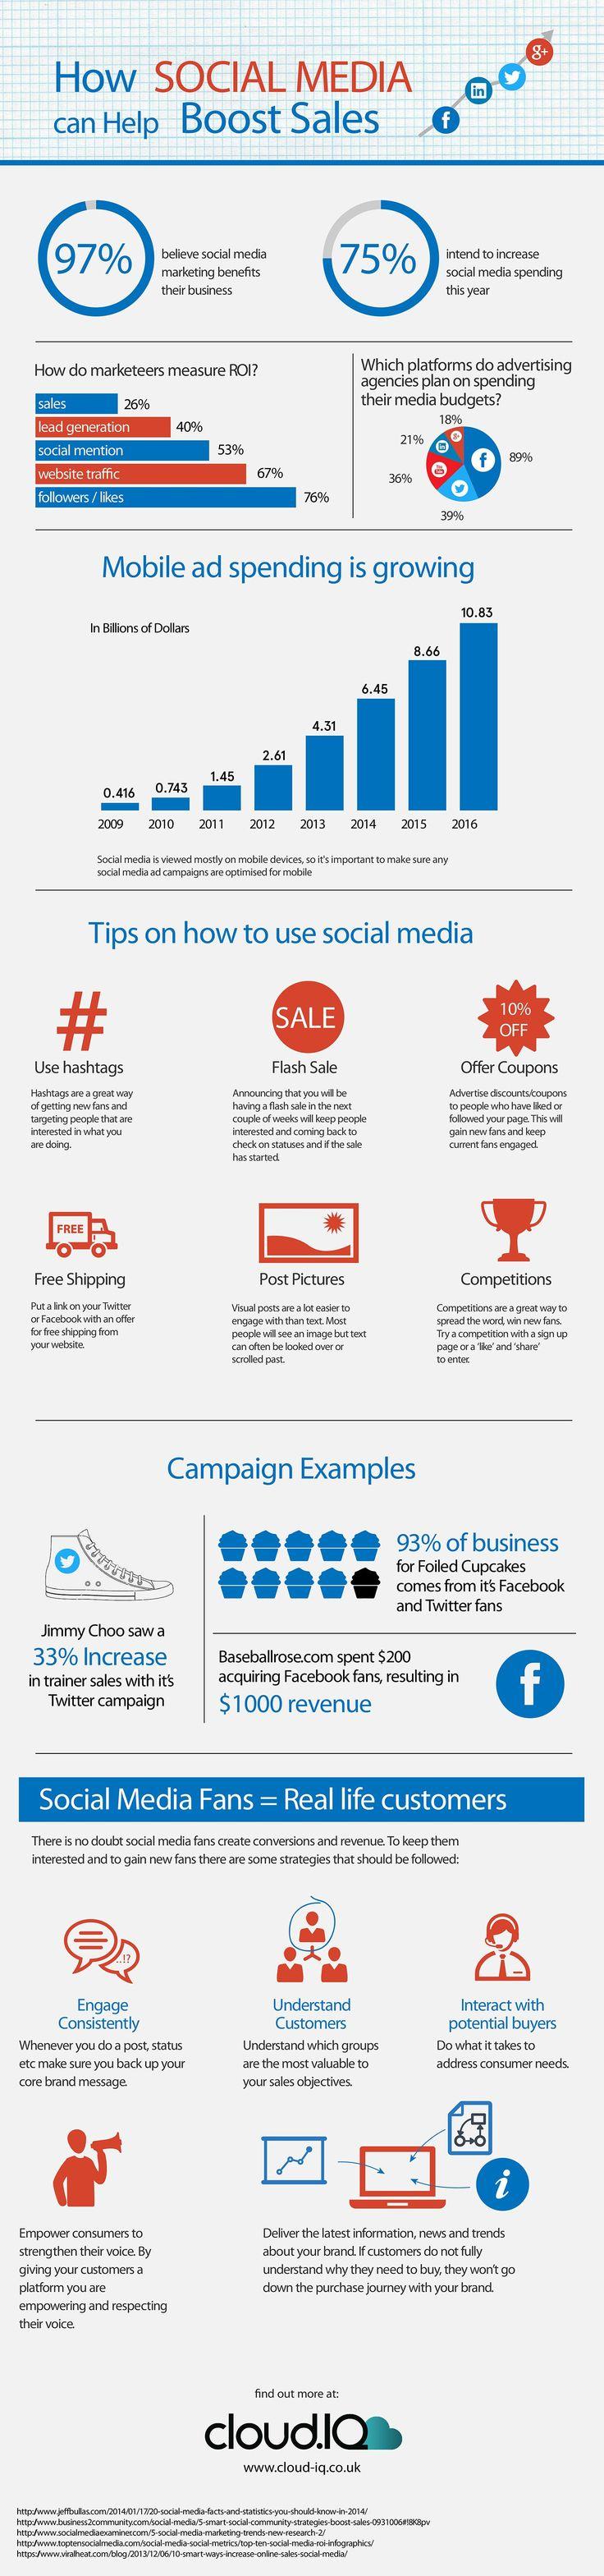 How #SocialMedia Can Help Boost #Sales